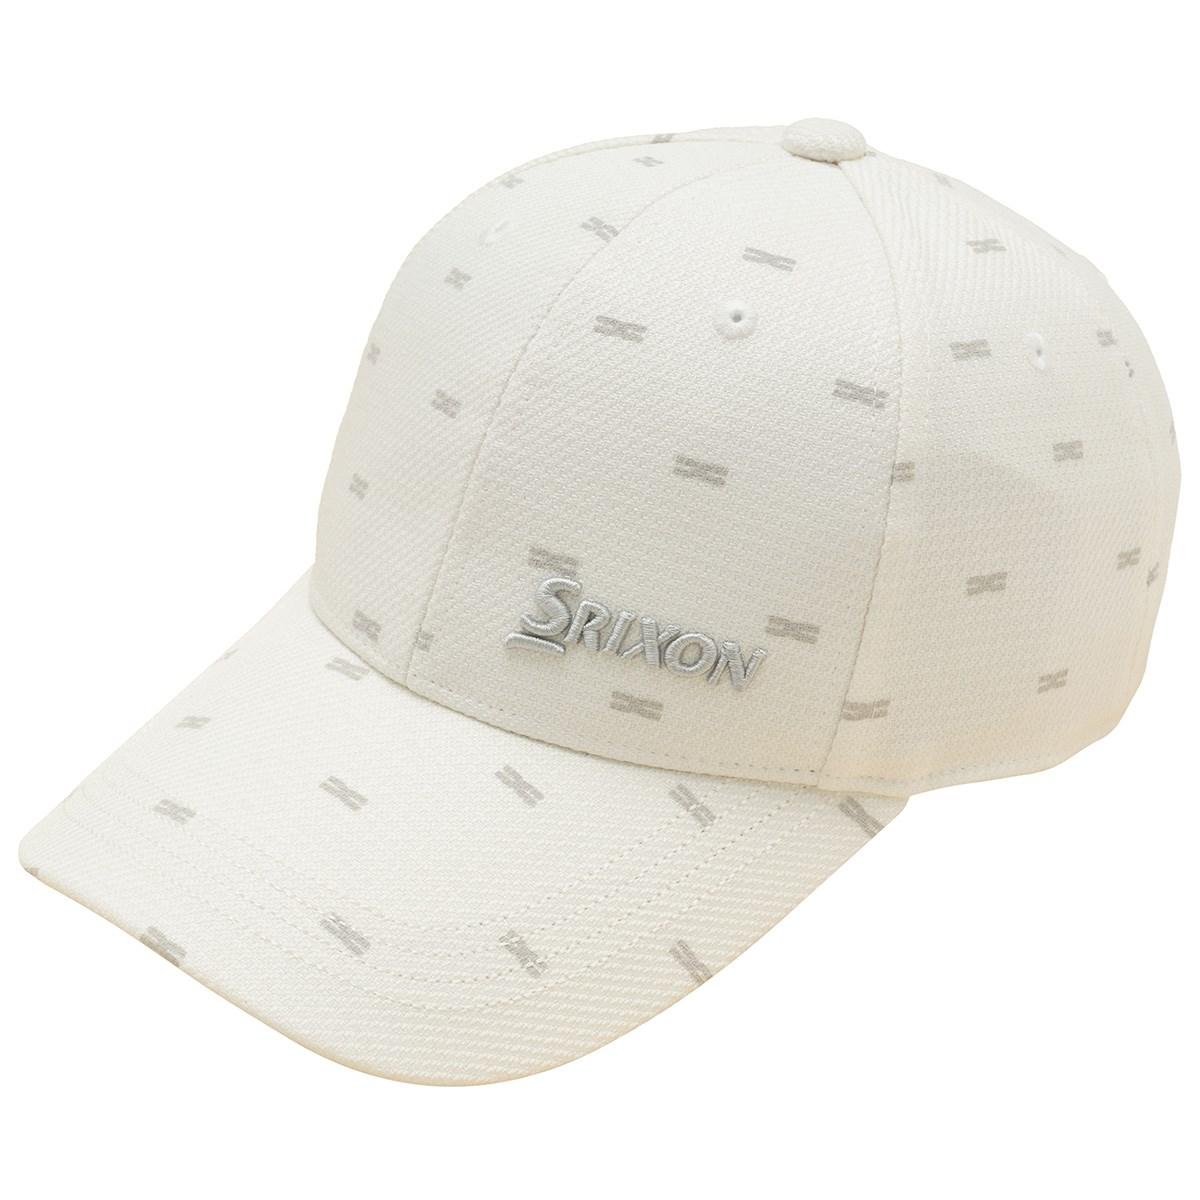 スリクソンゴルフ SRIXON クロスモチーフ飛び柄キャップ フリー ホワイト 00 レディス